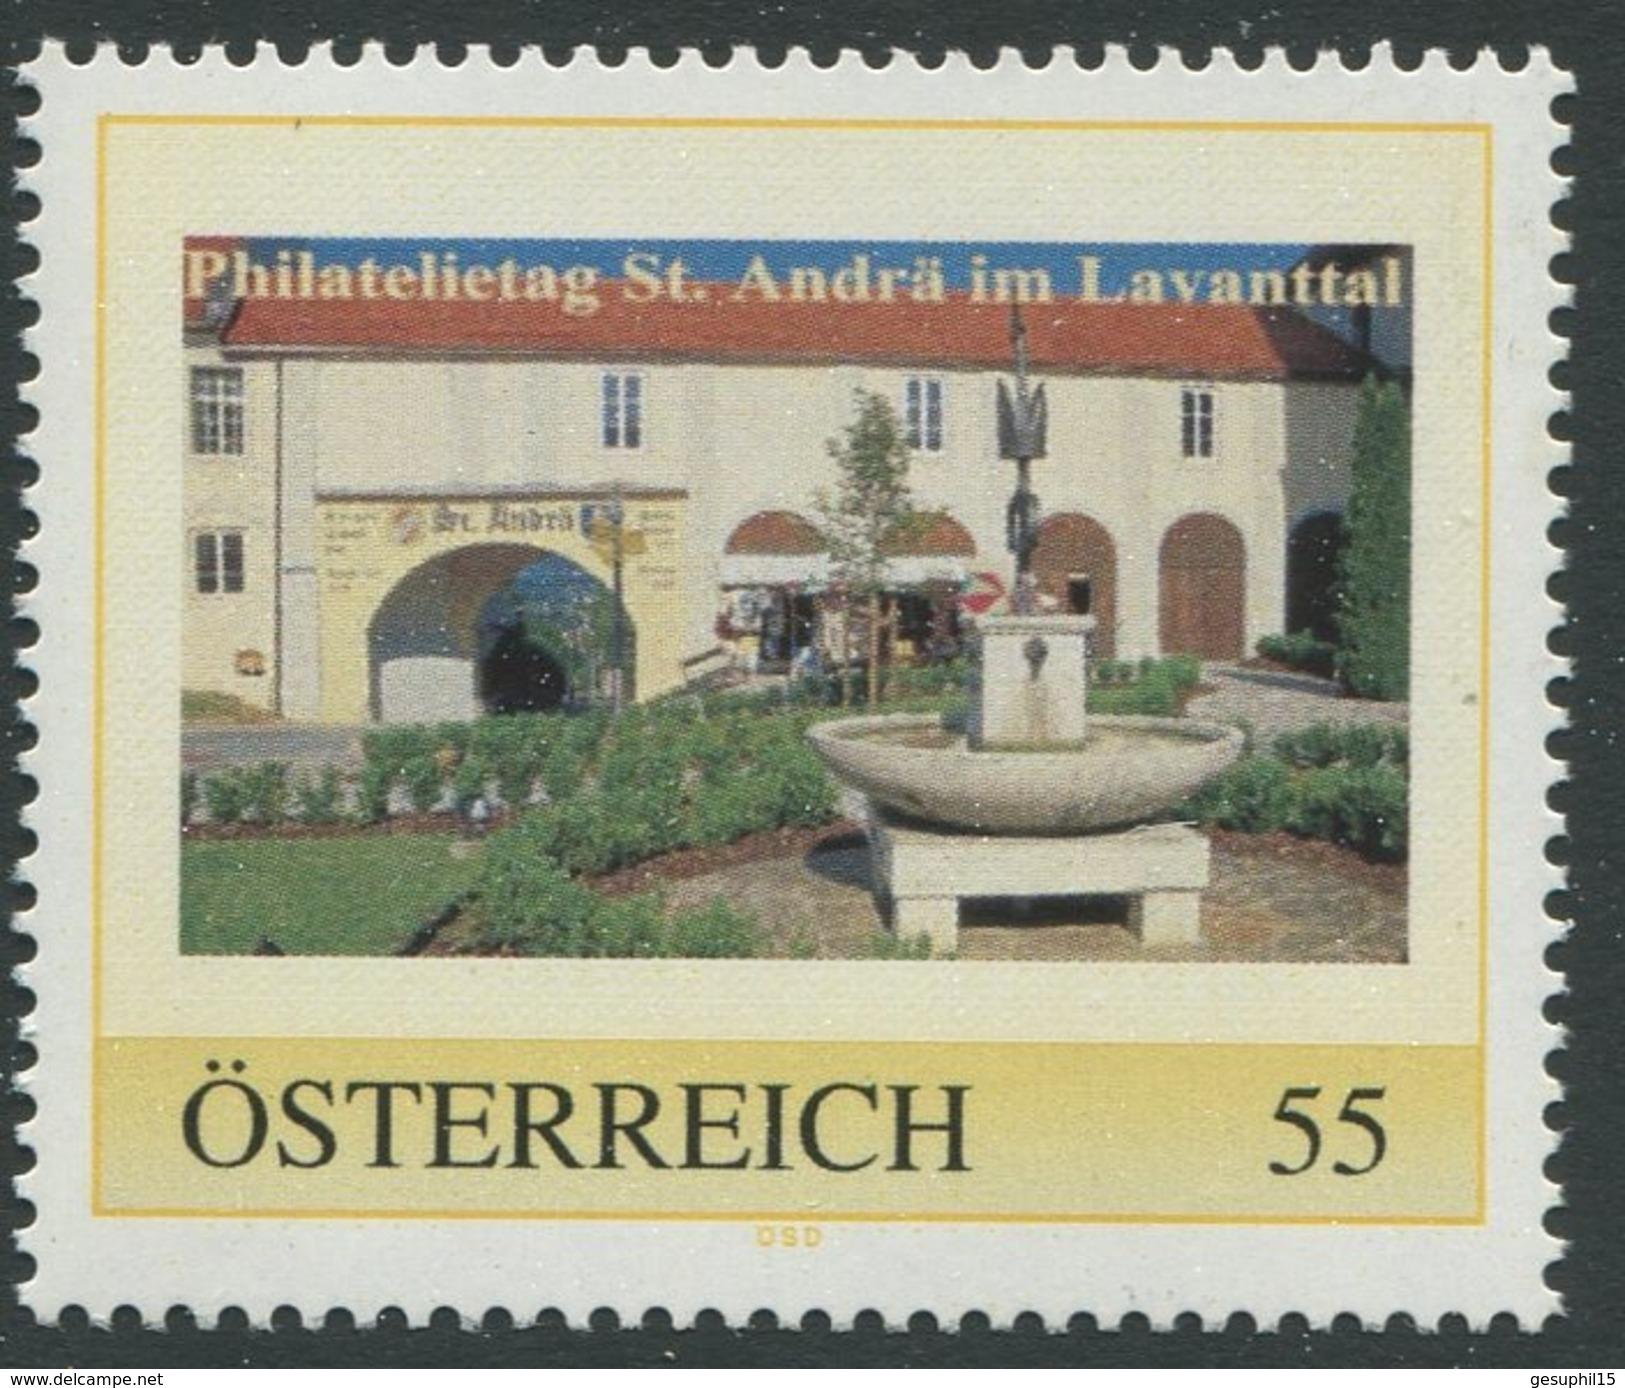 ÖSTERREICH / Philatelietag St. Andrä Im Lavanttal / Postfrisch / ** / MNH - Österreich